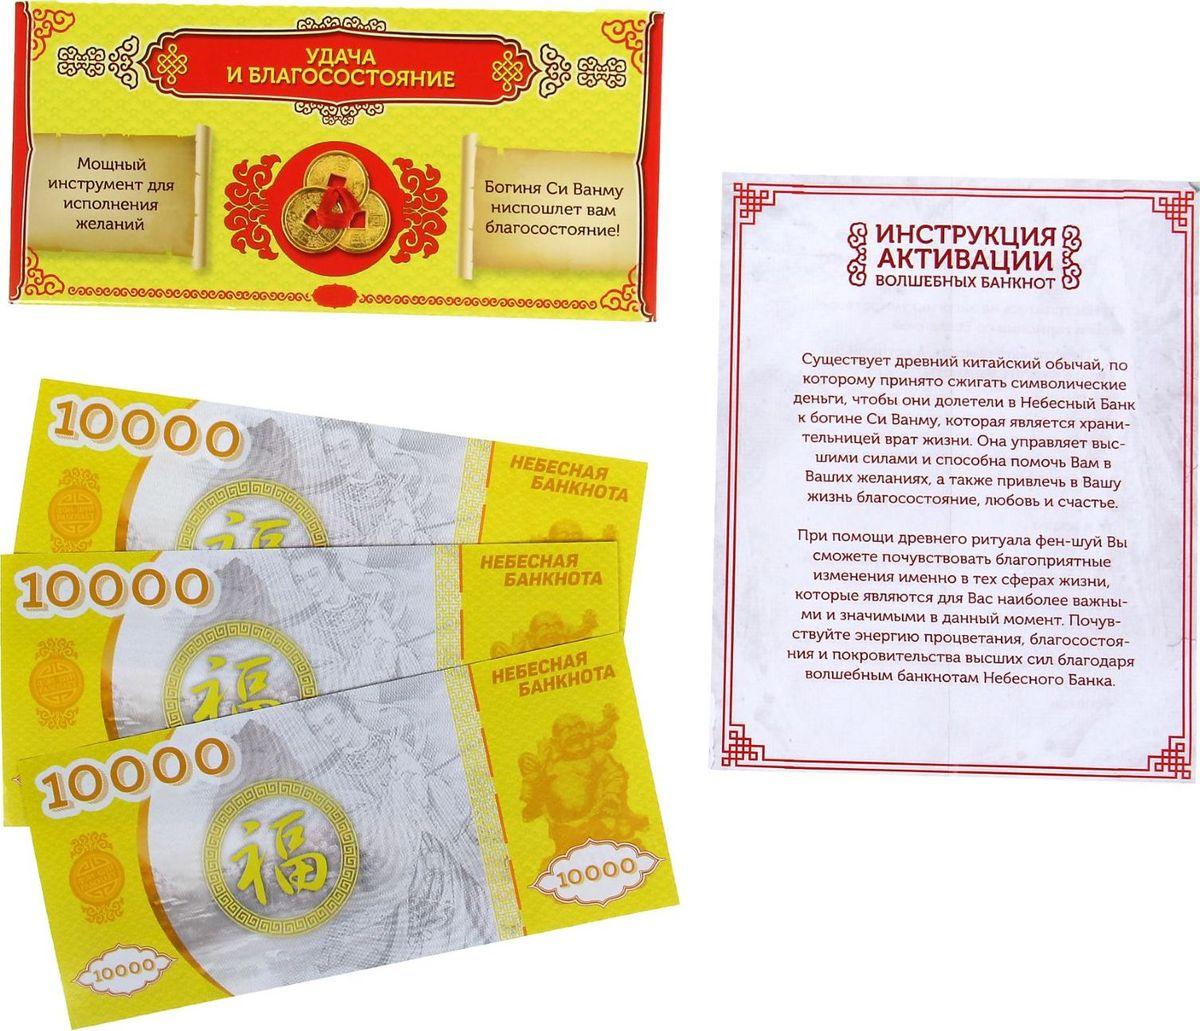 """Конверт для денег """"На удачу и благосостояние"""", с банкнотами, 16,4 см х 12,4 см"""